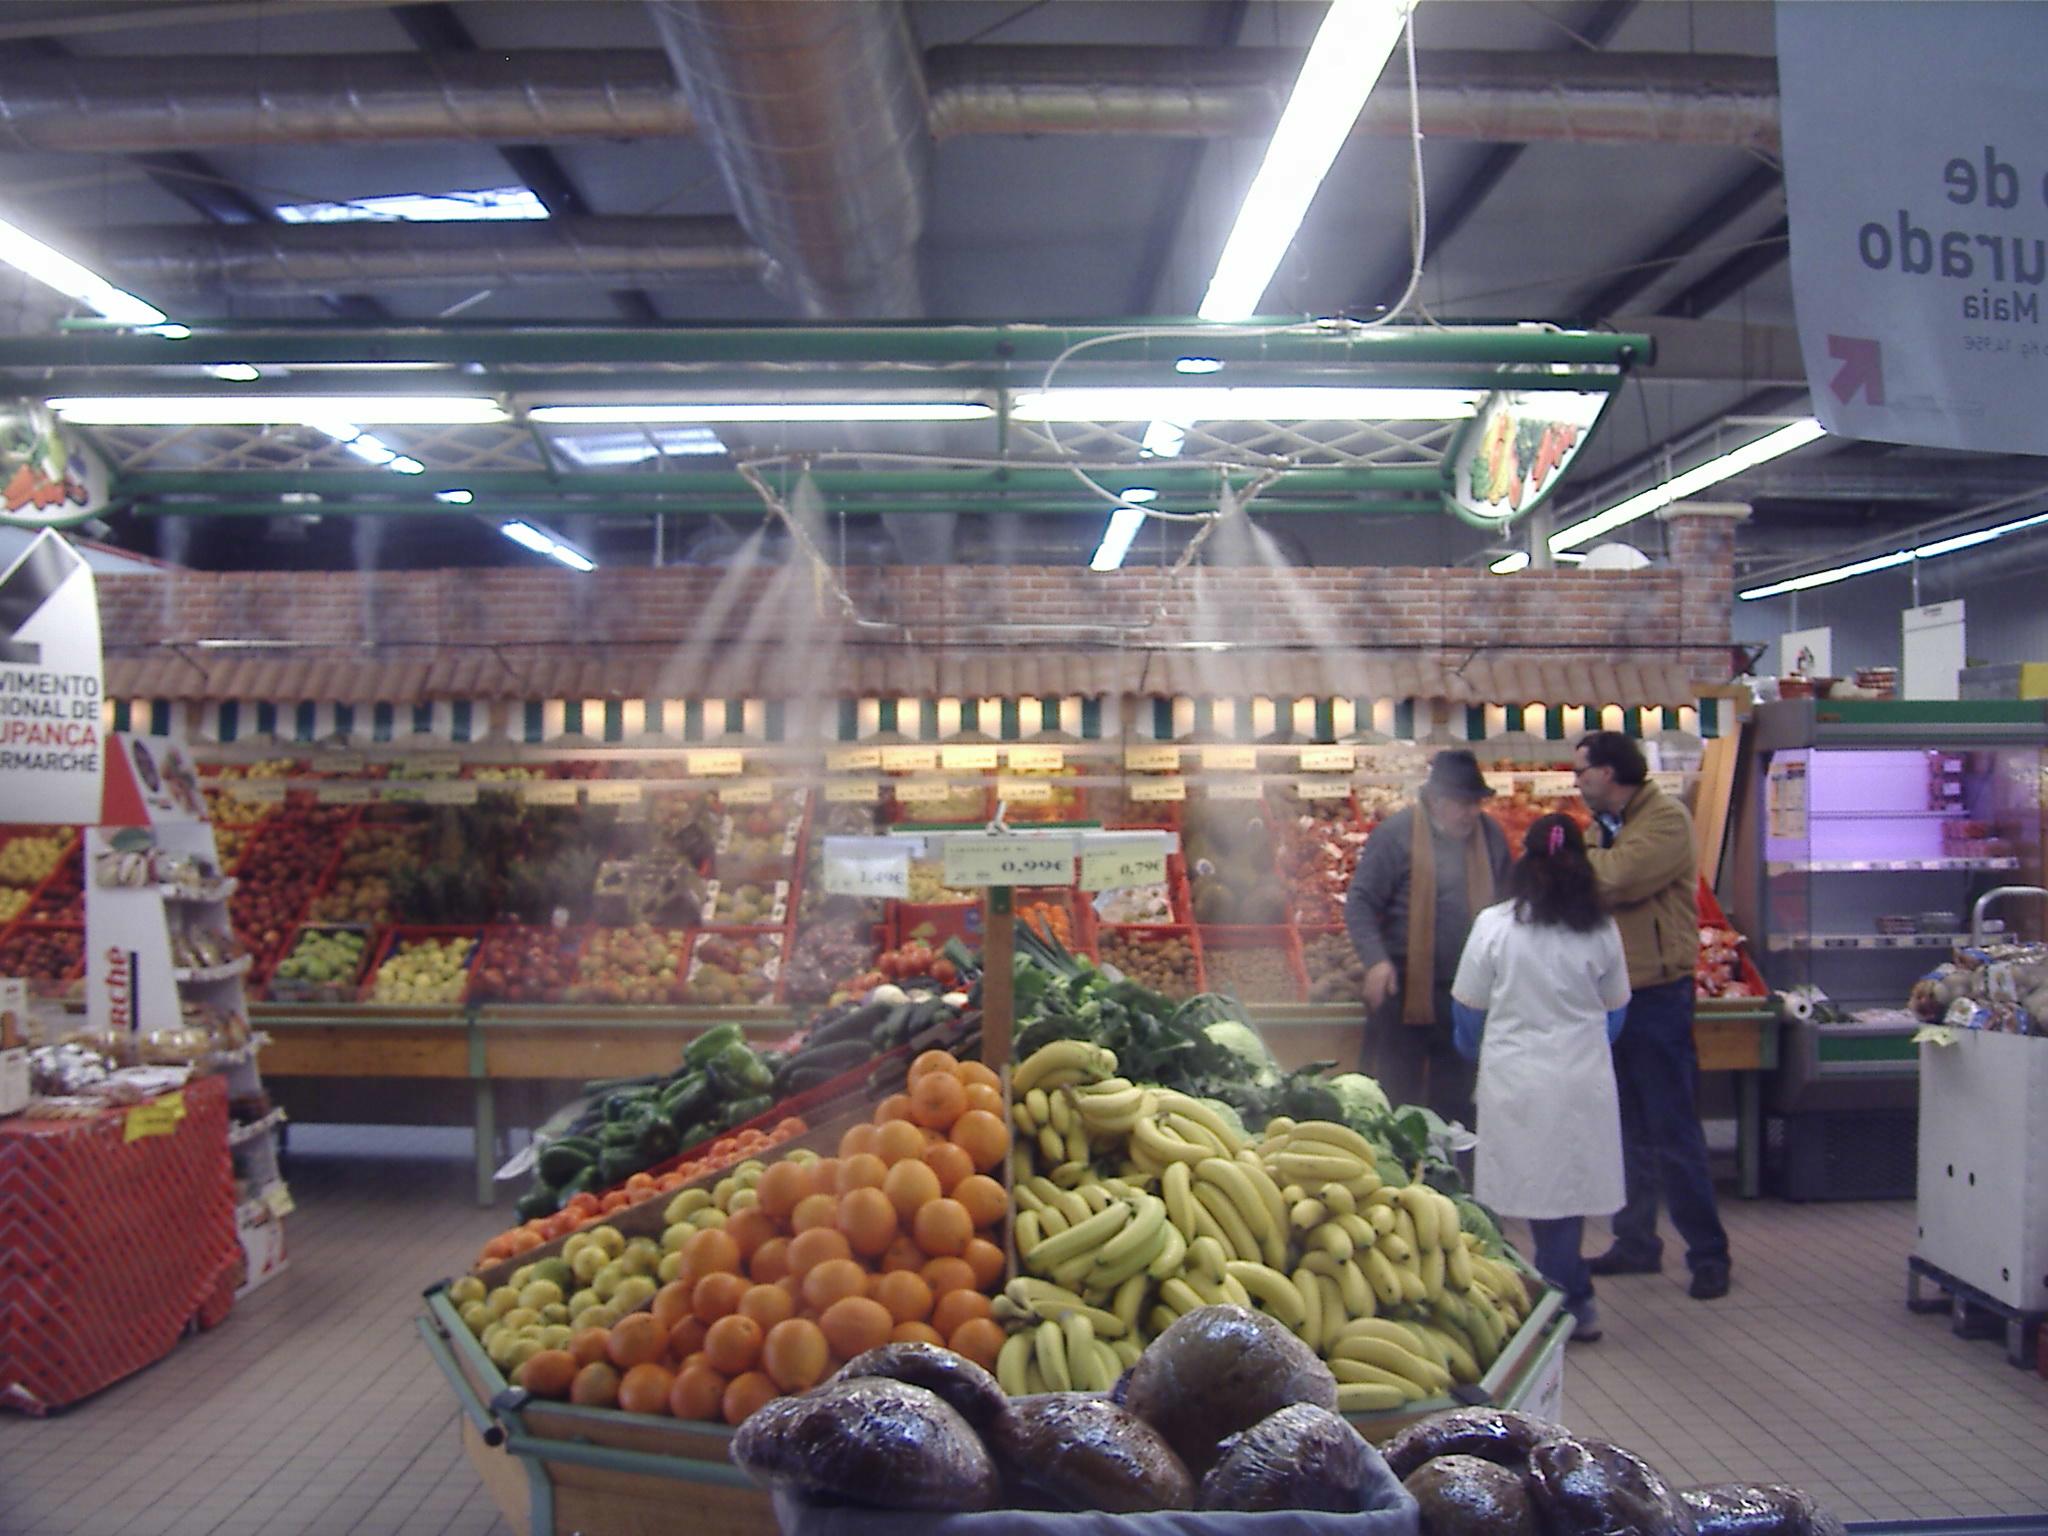 Fruites et légumes